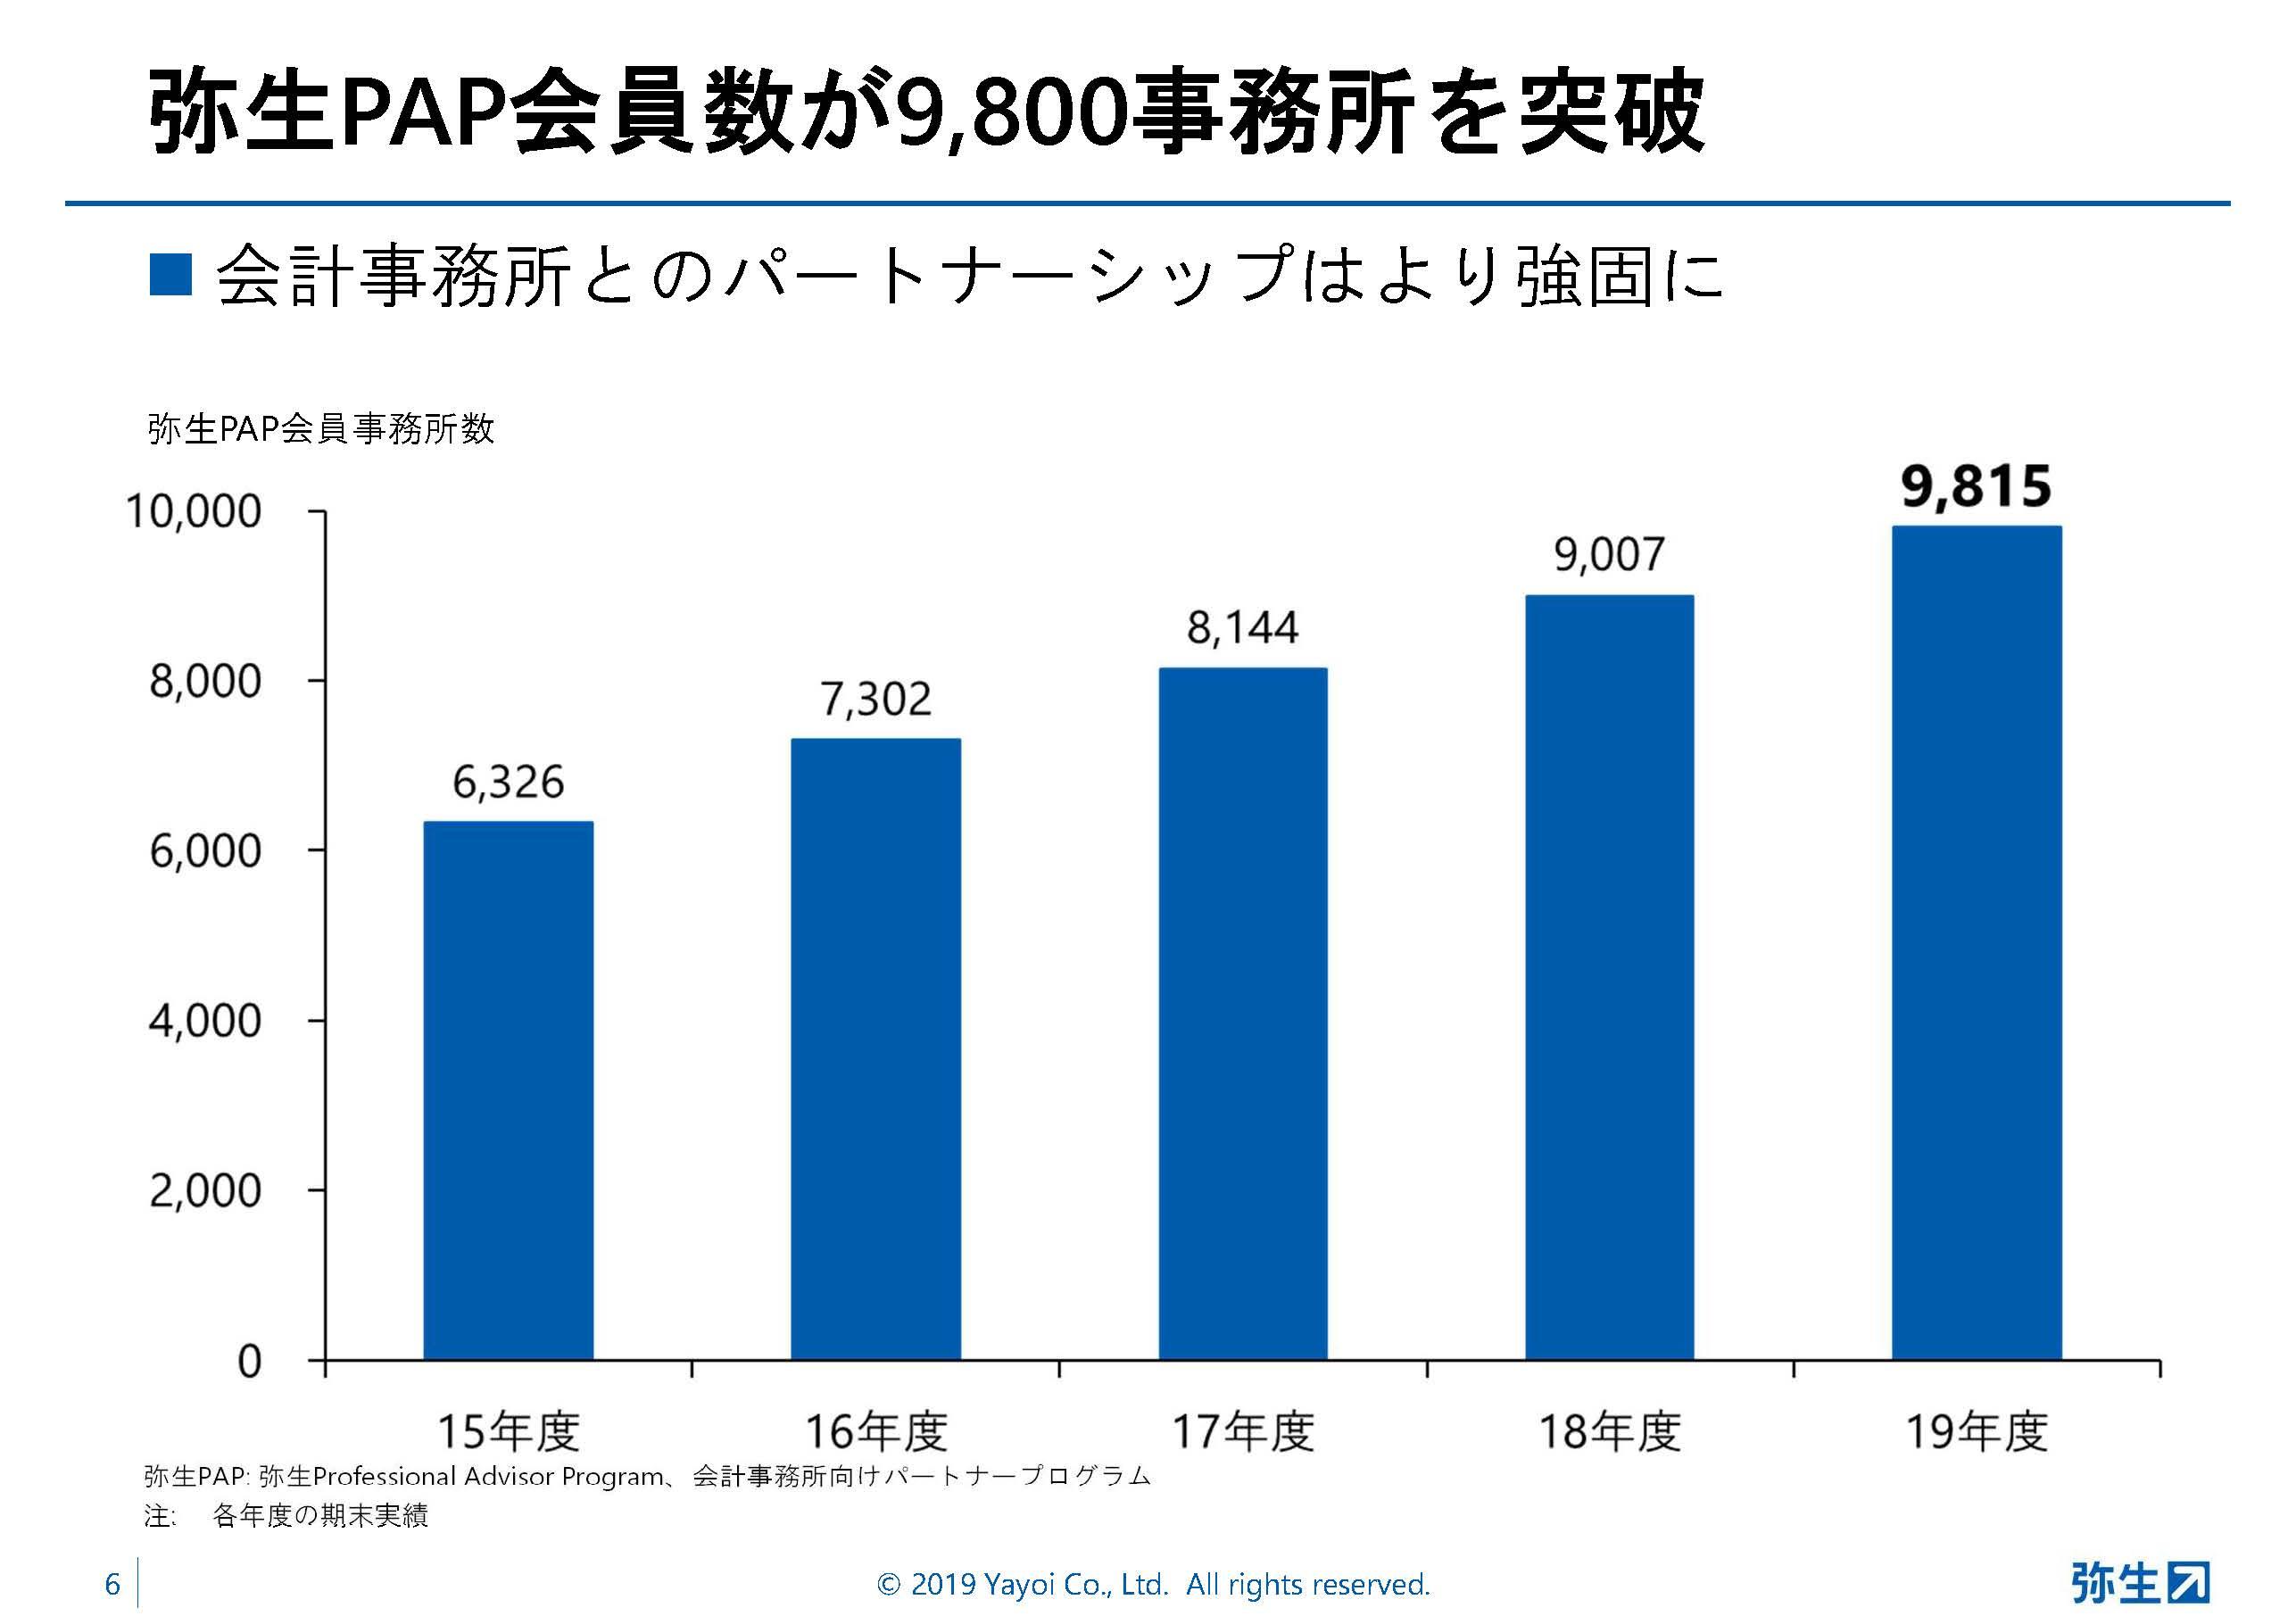 弥生PAP会員数は9,800事業者を突破